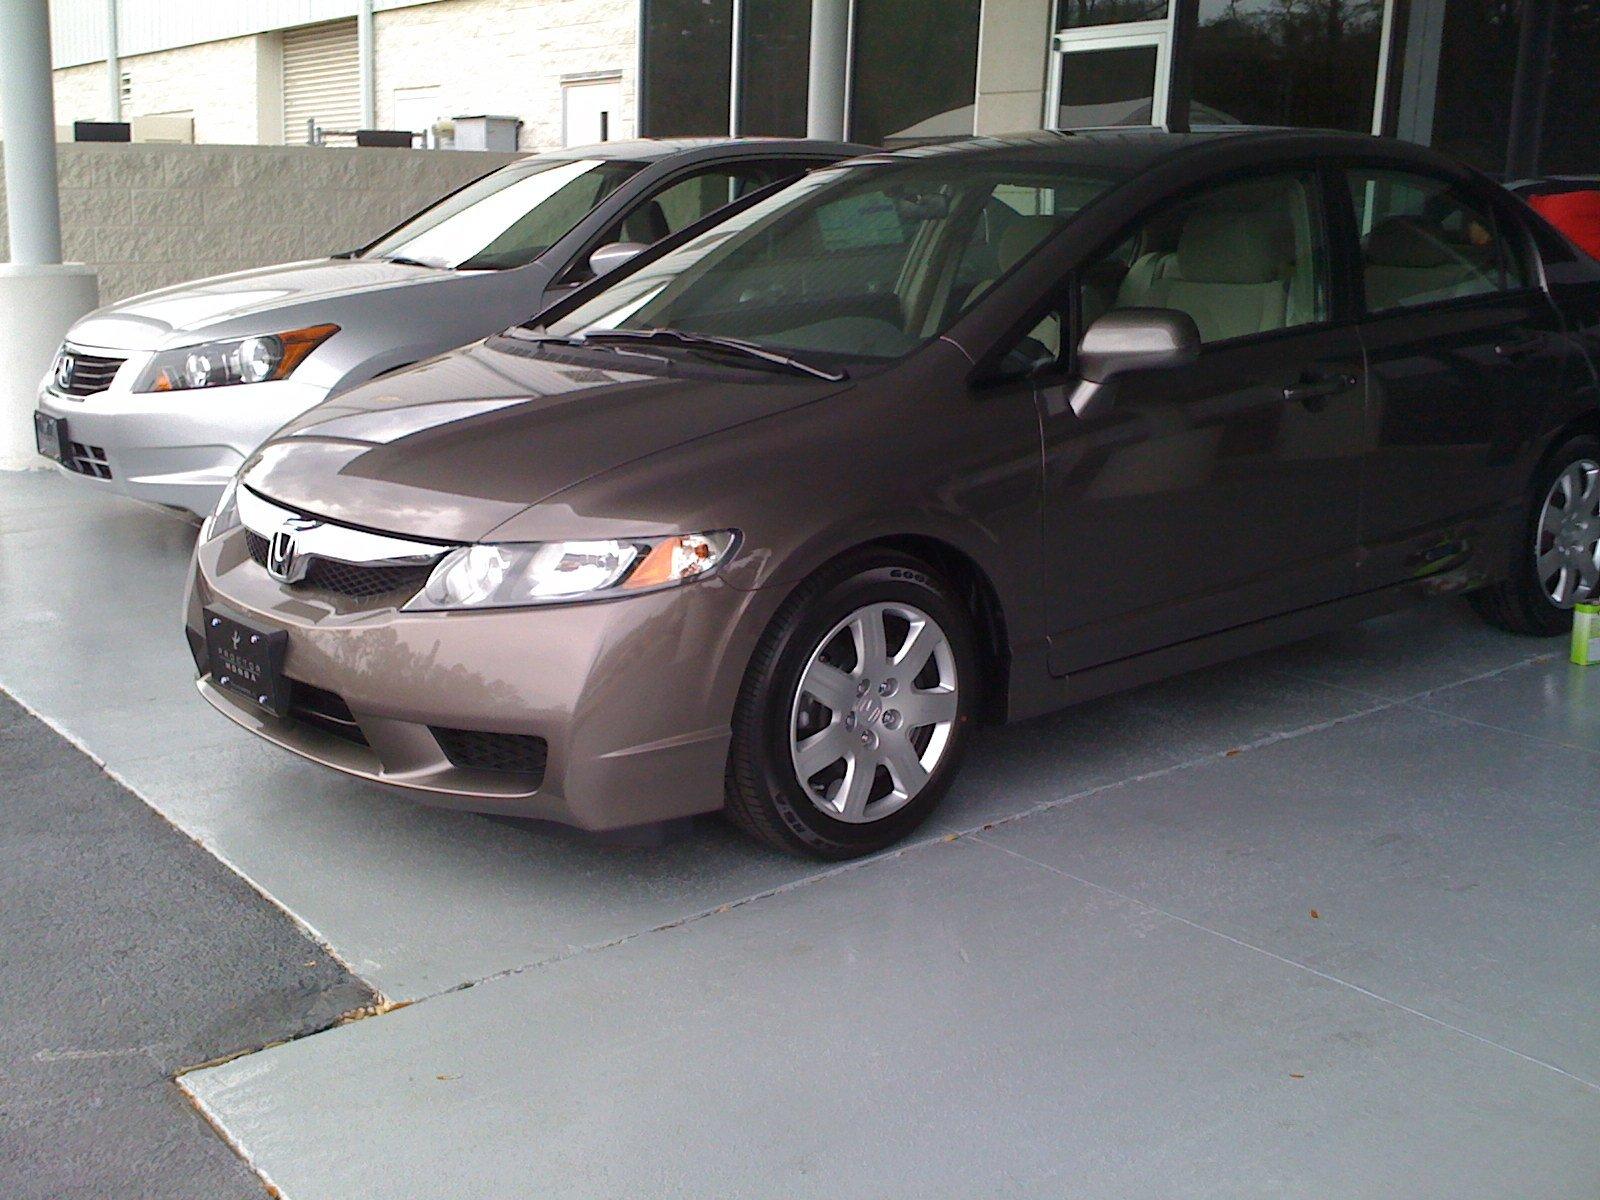 2009 Urban Titanium Metallic 8th Generation Honda Civic